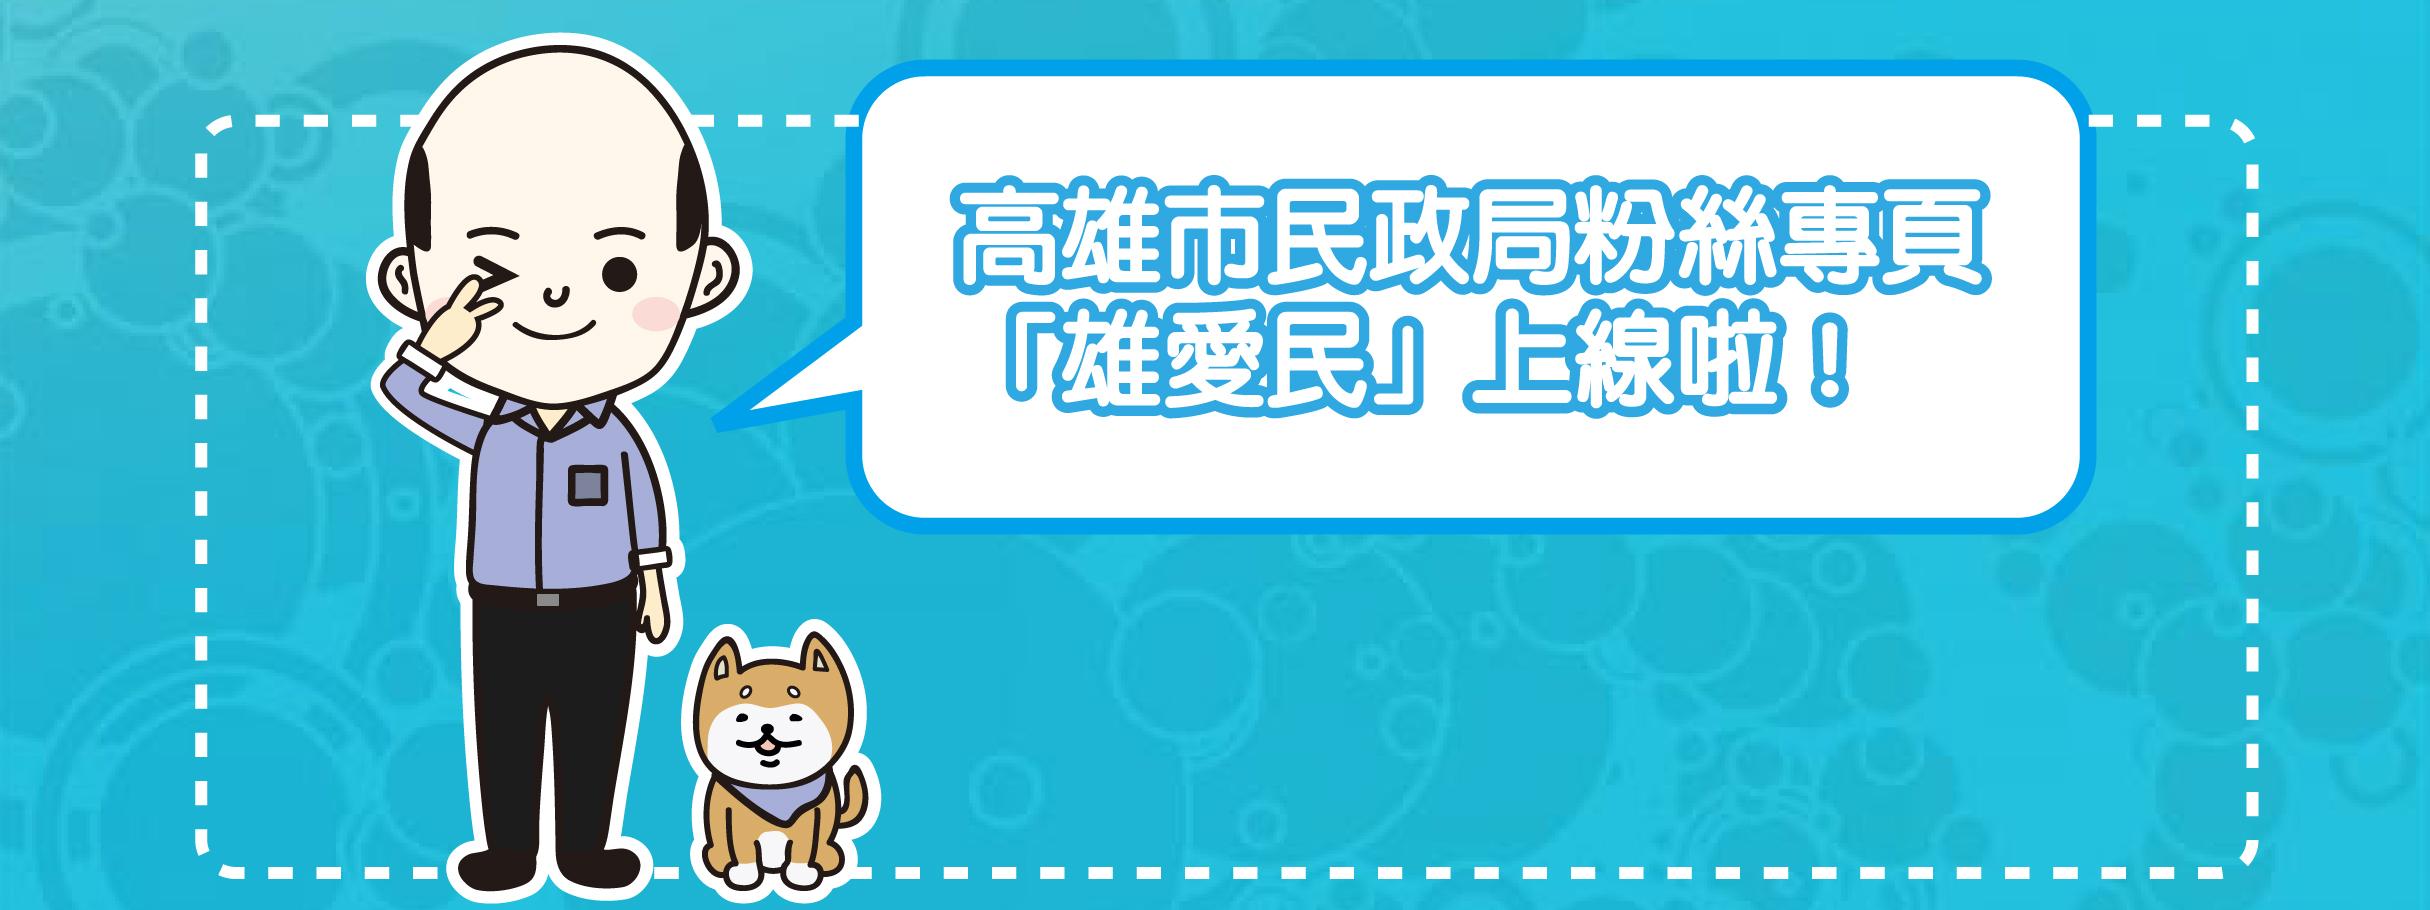 雄愛民─高雄市政府民政局臉書